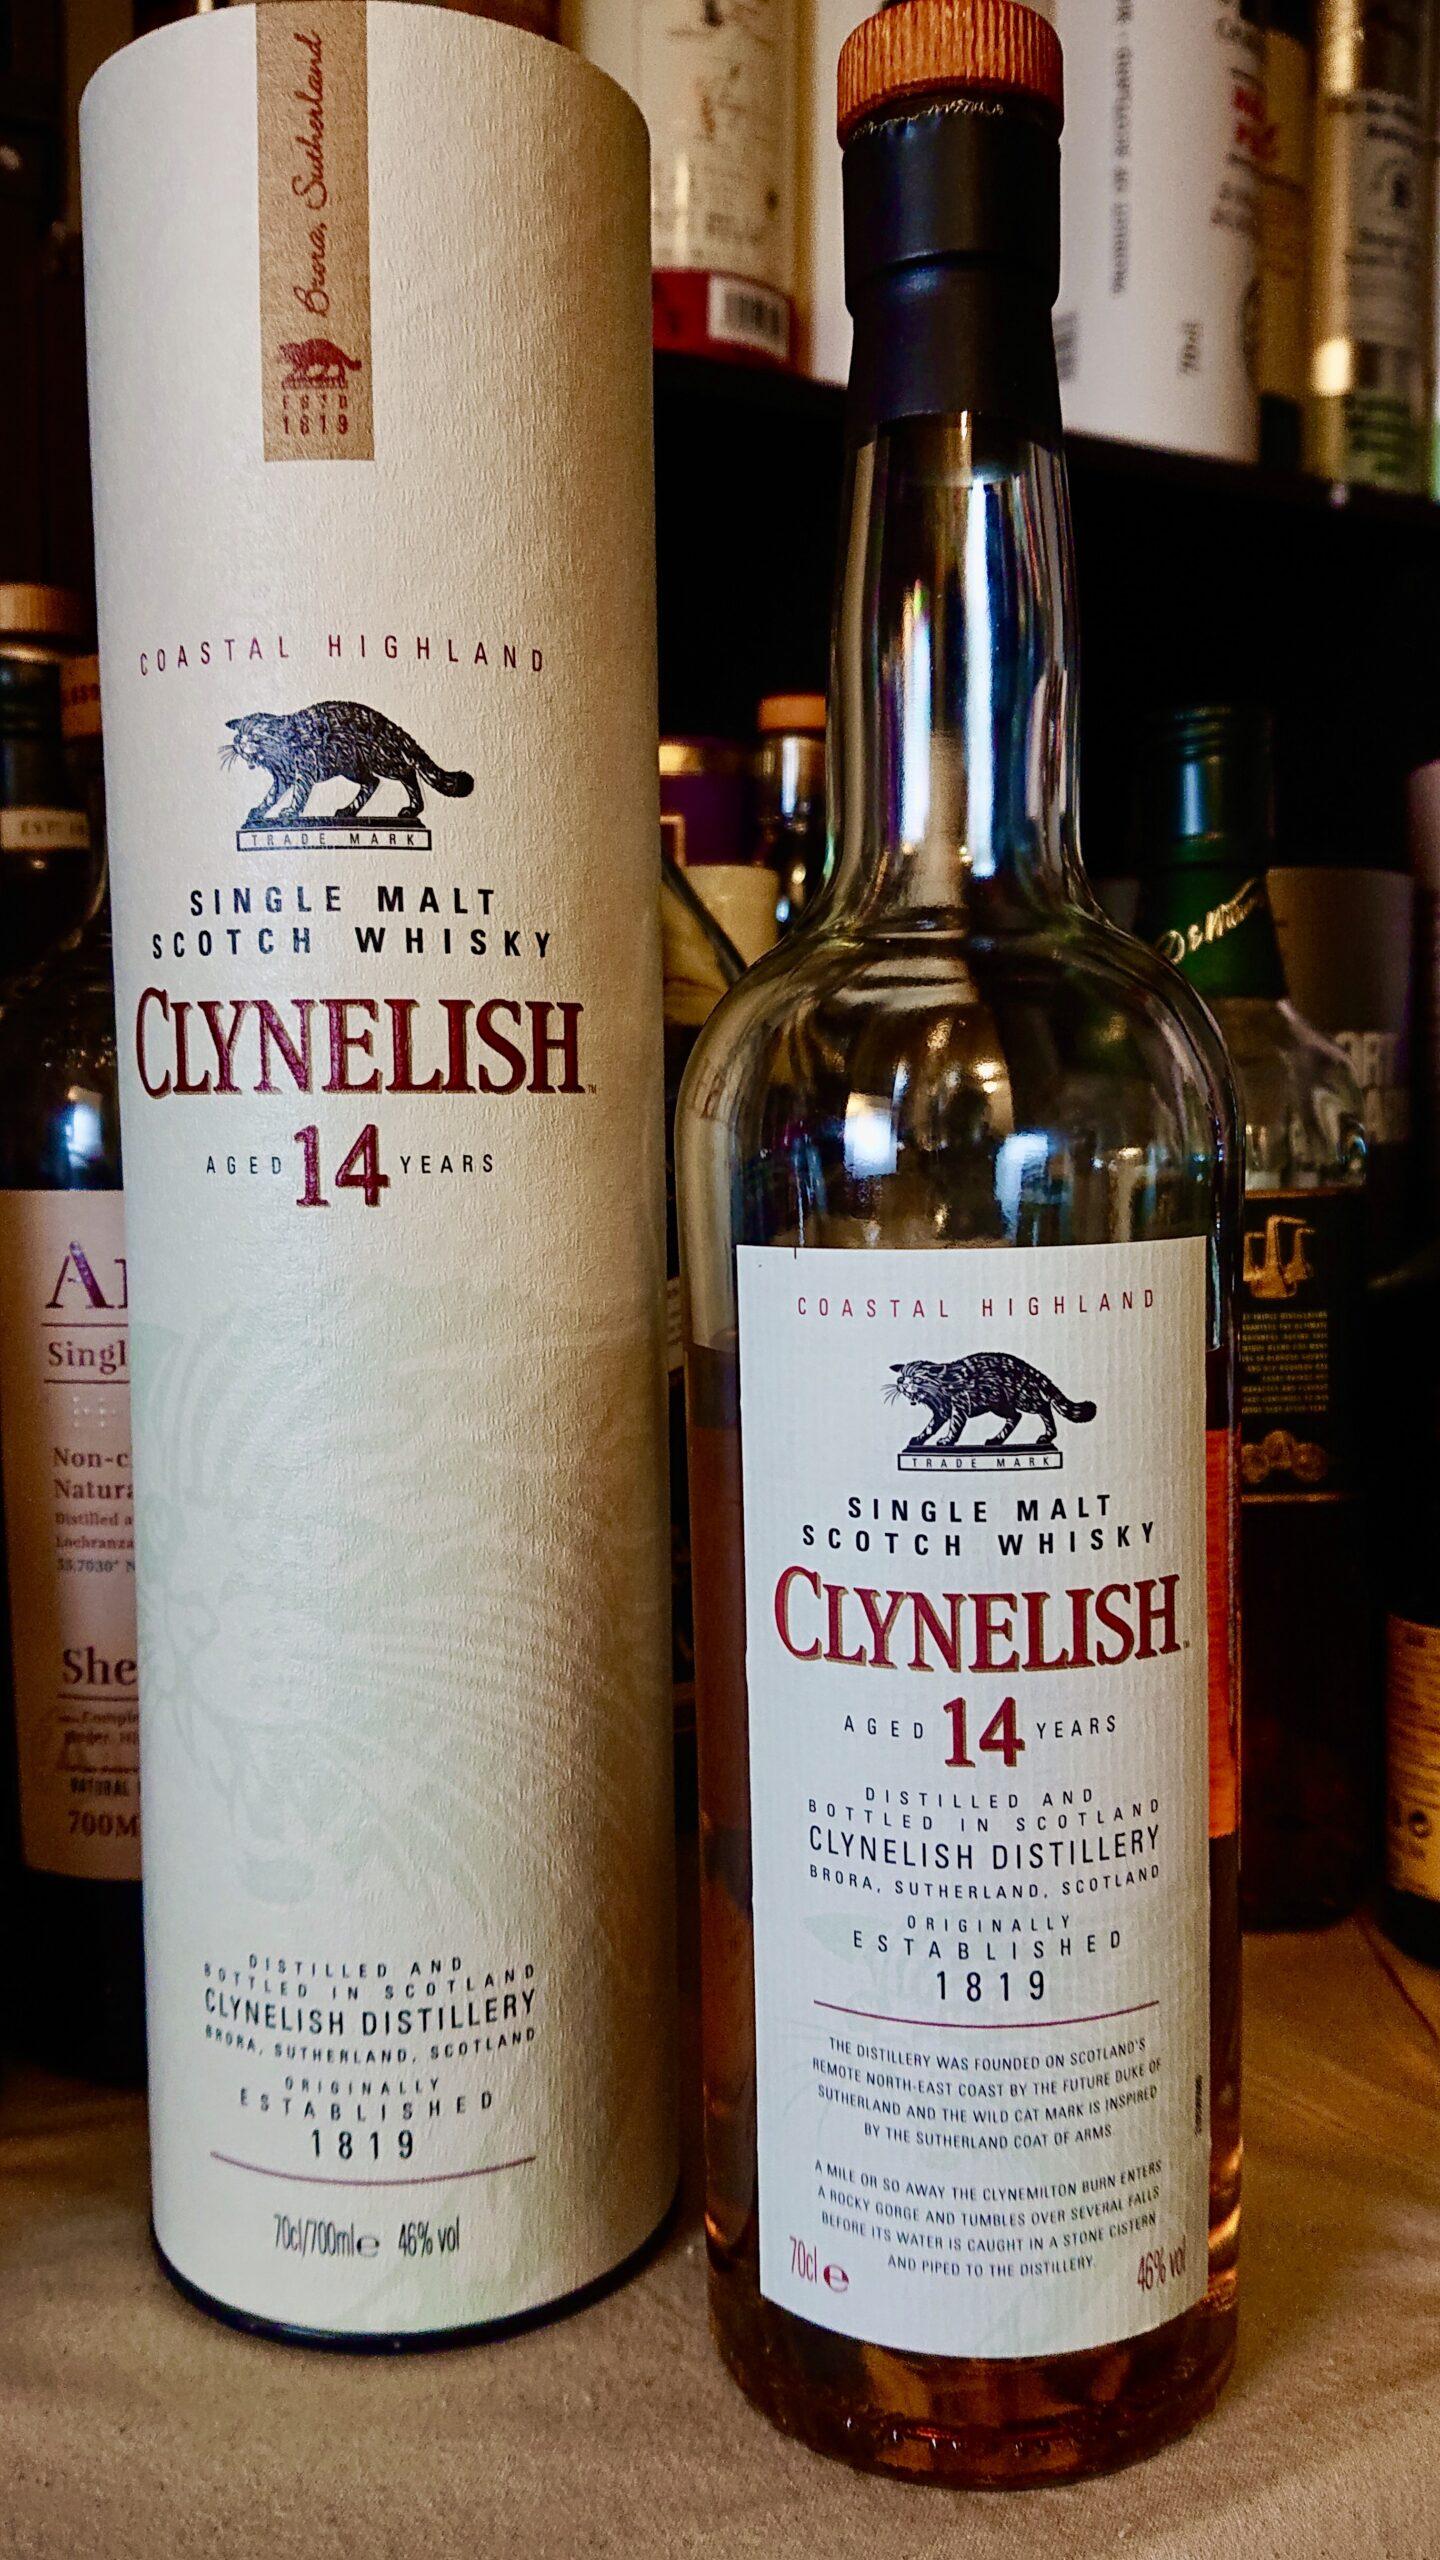 クライヌリッシュ14年のテイスティング・華やかで甘くスパイシー、そして蜜蝋のようにワクシー。北ハイランドの複雑で魅惑的なウイスキー